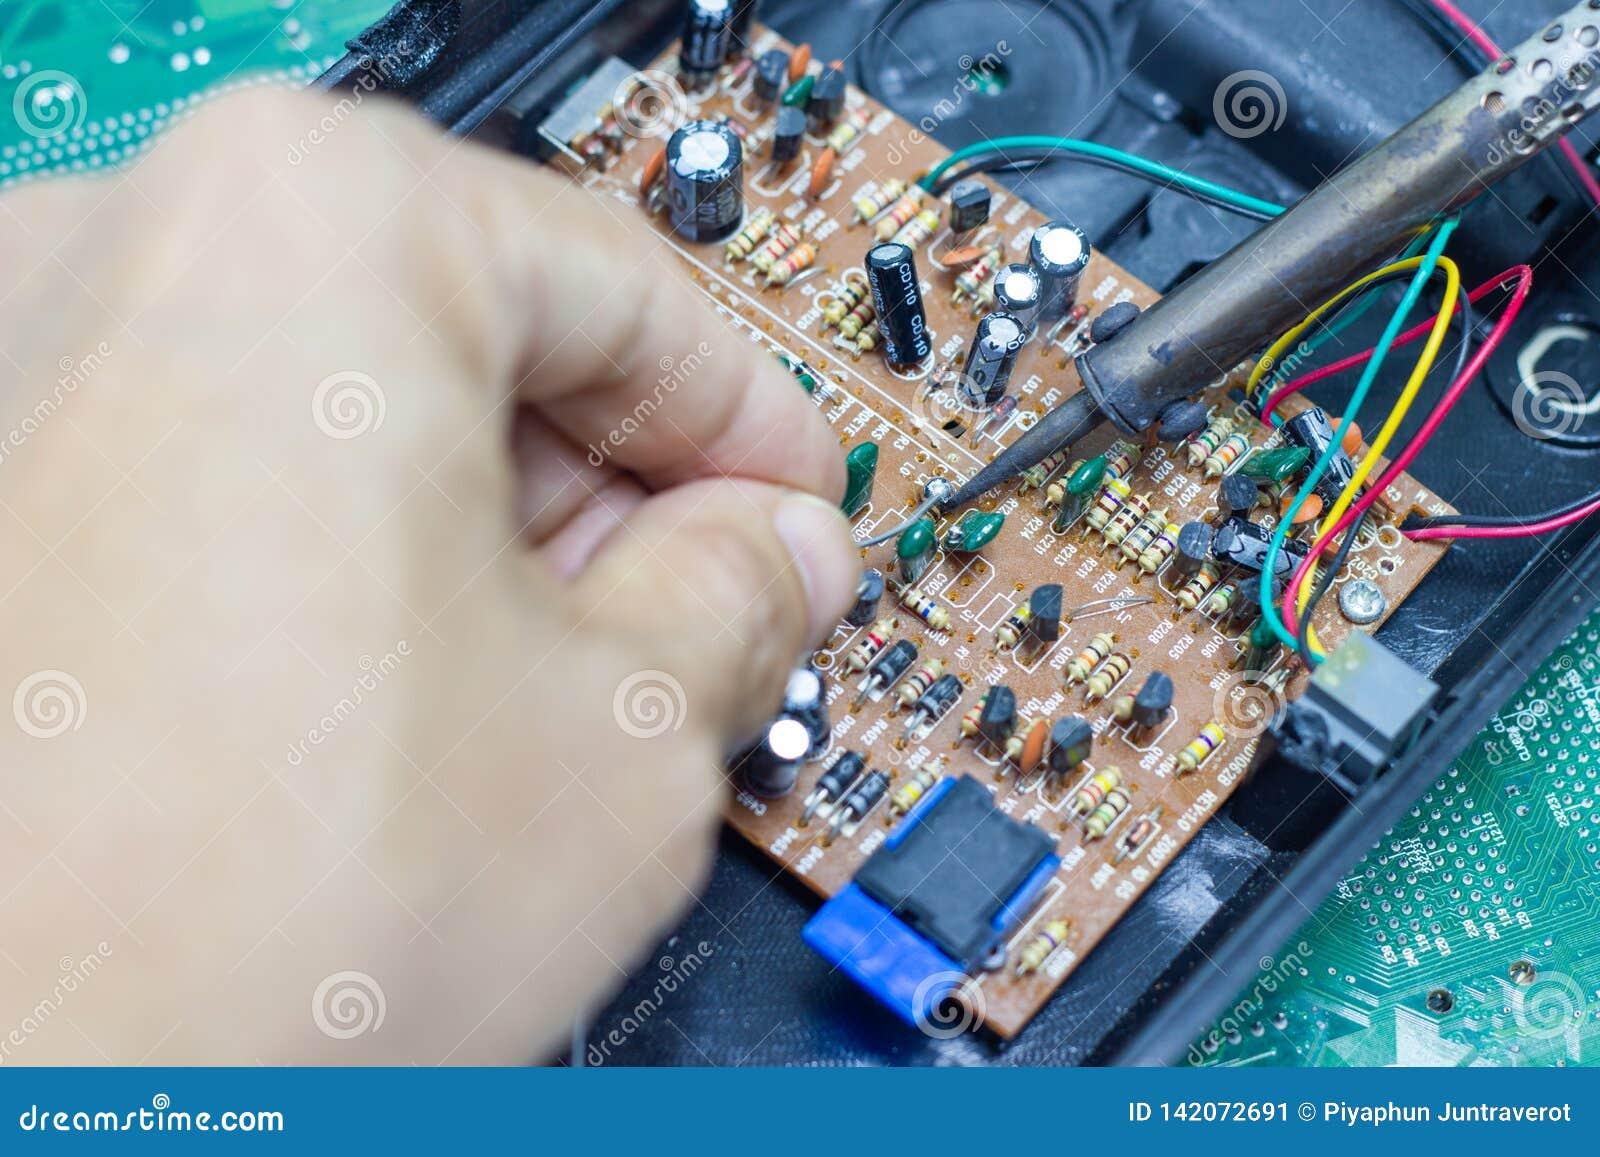 Reparação do técnico eletrônica da placa de circuito do computador por ferros de solda